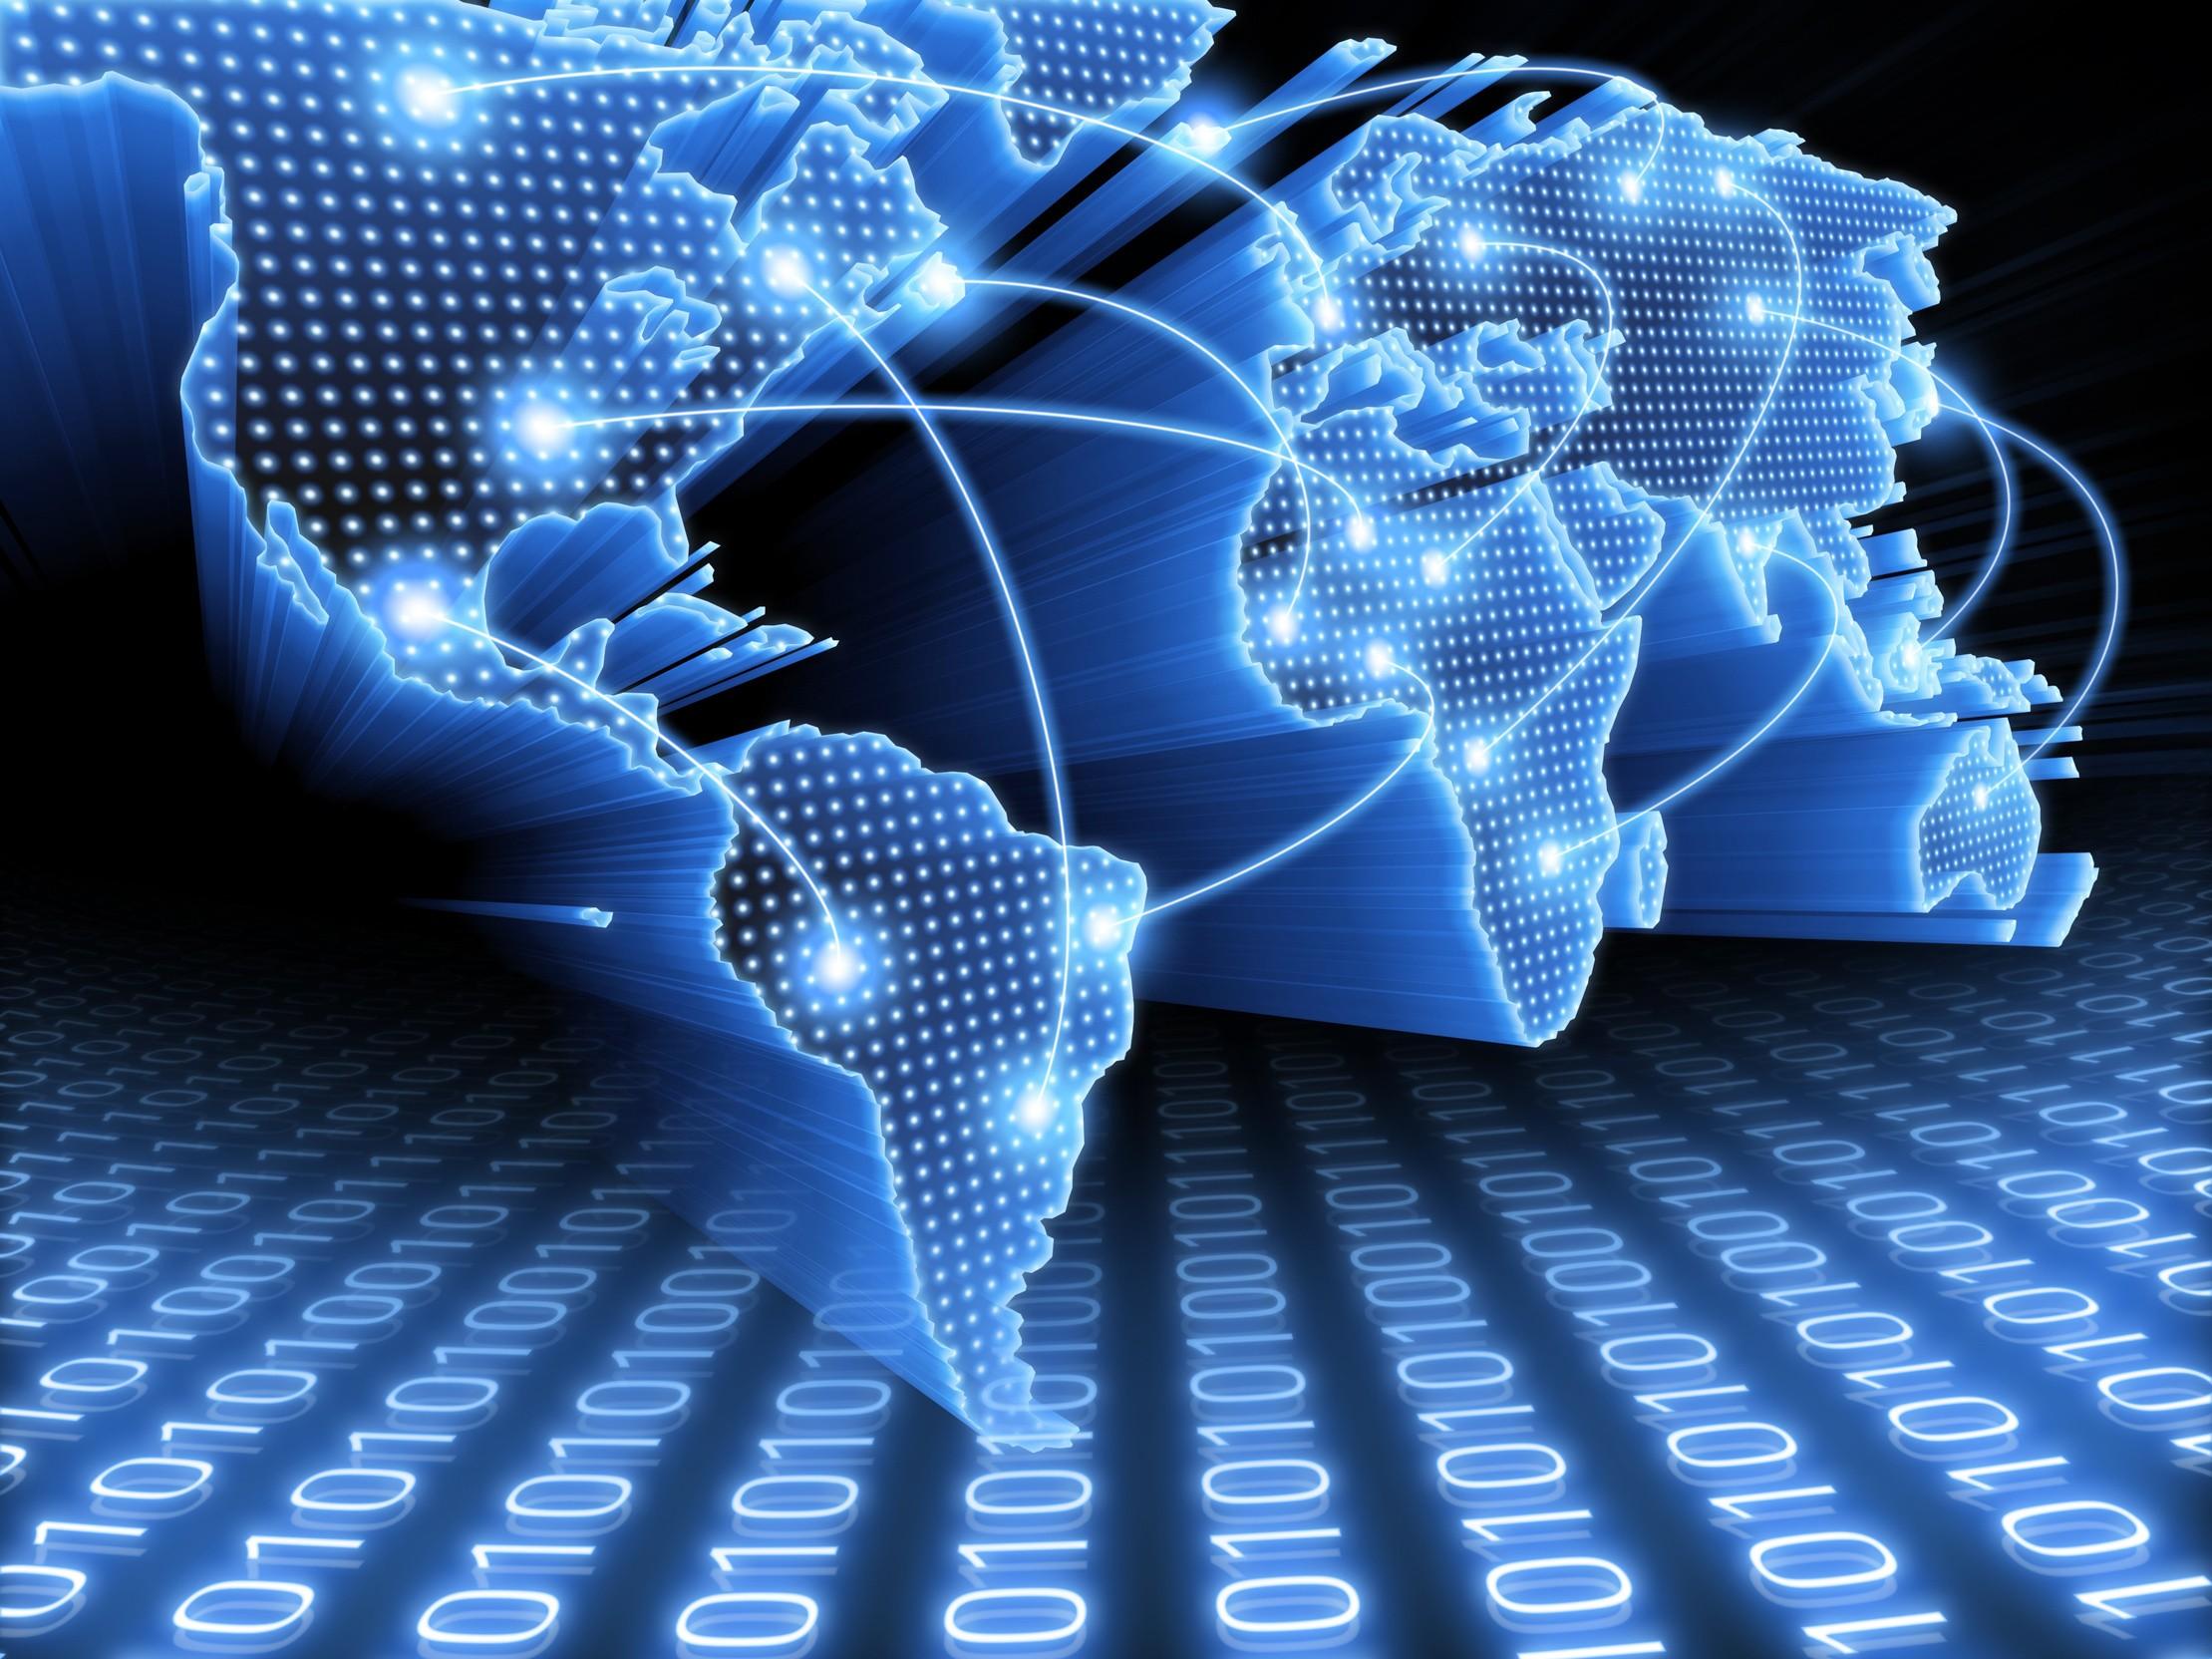 Cyberattaque « Wannacry », sécurité internationale et coopération internationale : les nouveaux enjeux de la génération 2.0